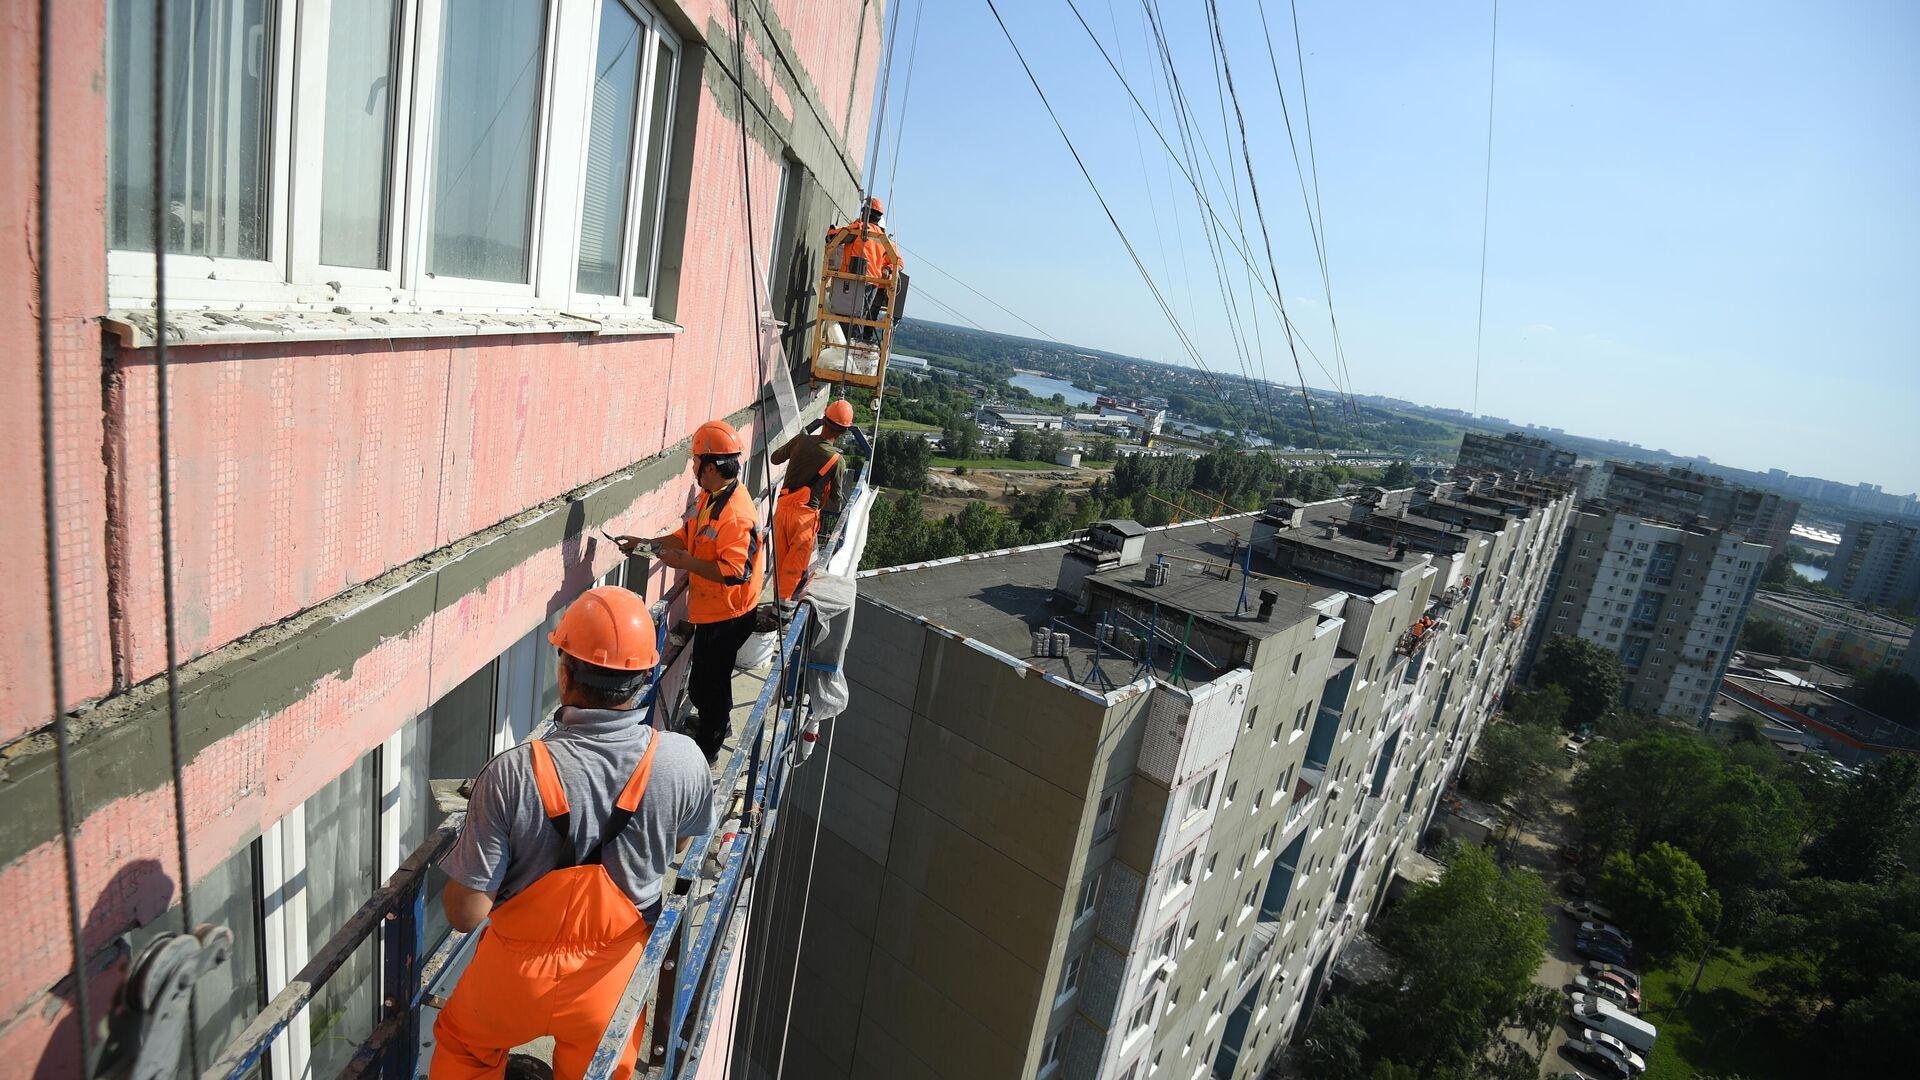 Рабочие проводят ремонт жилого дома в московском районе Капотня - РИА Новости, 1920, 29.09.2020